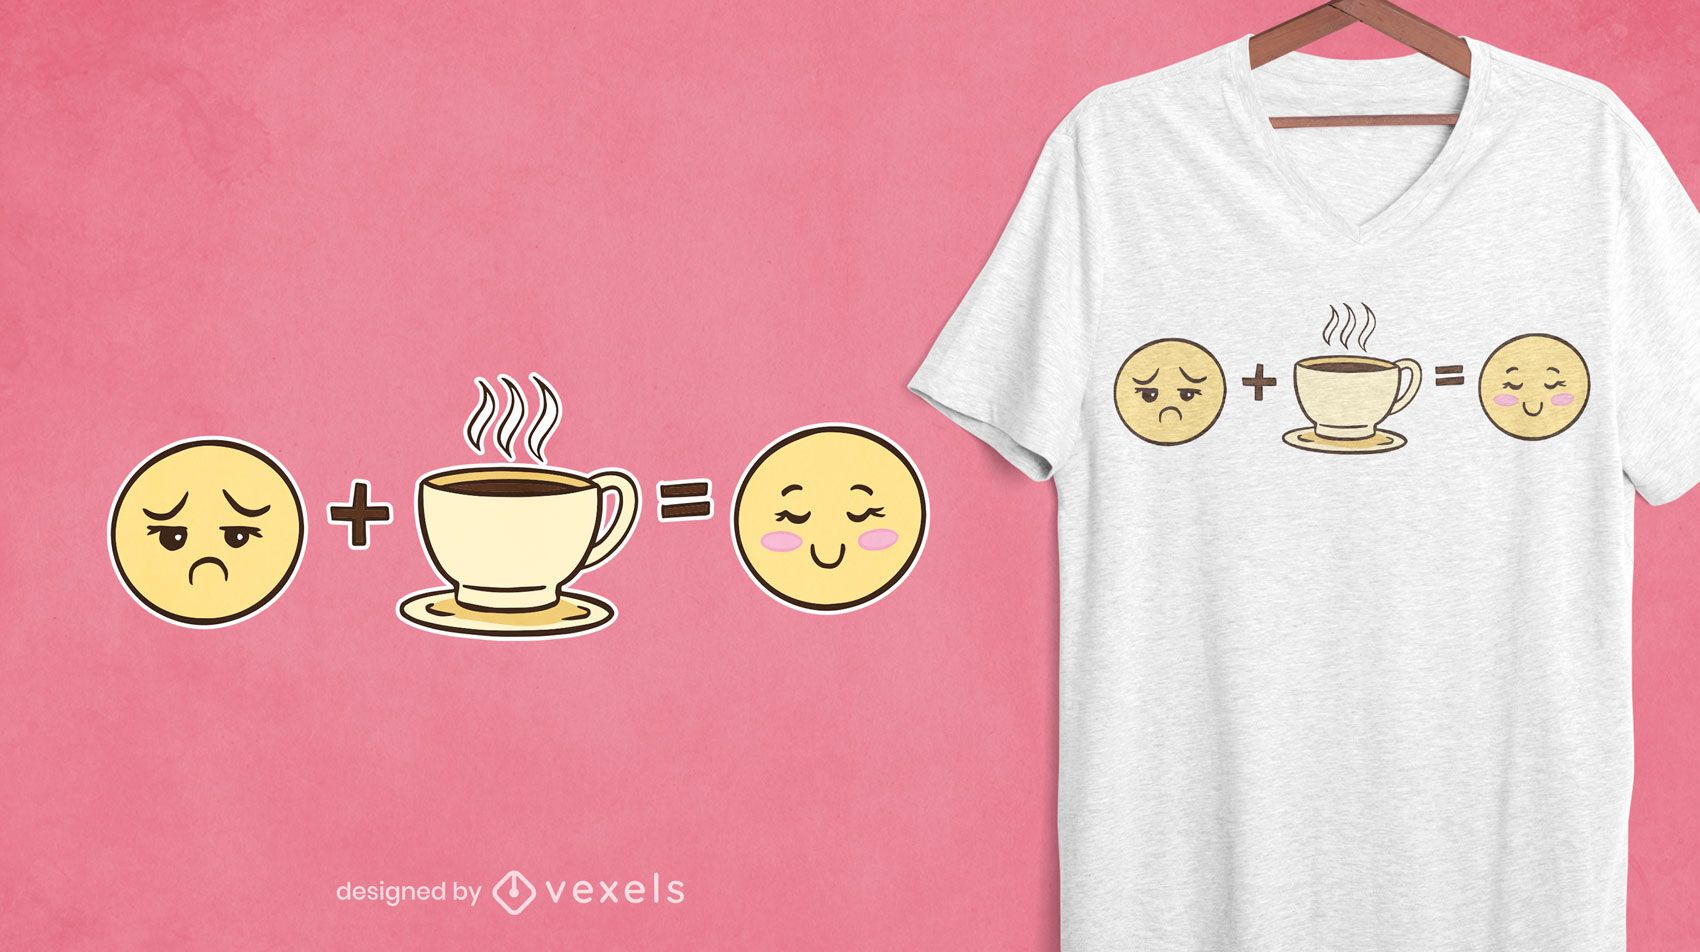 Coffee emojis t-shirt design